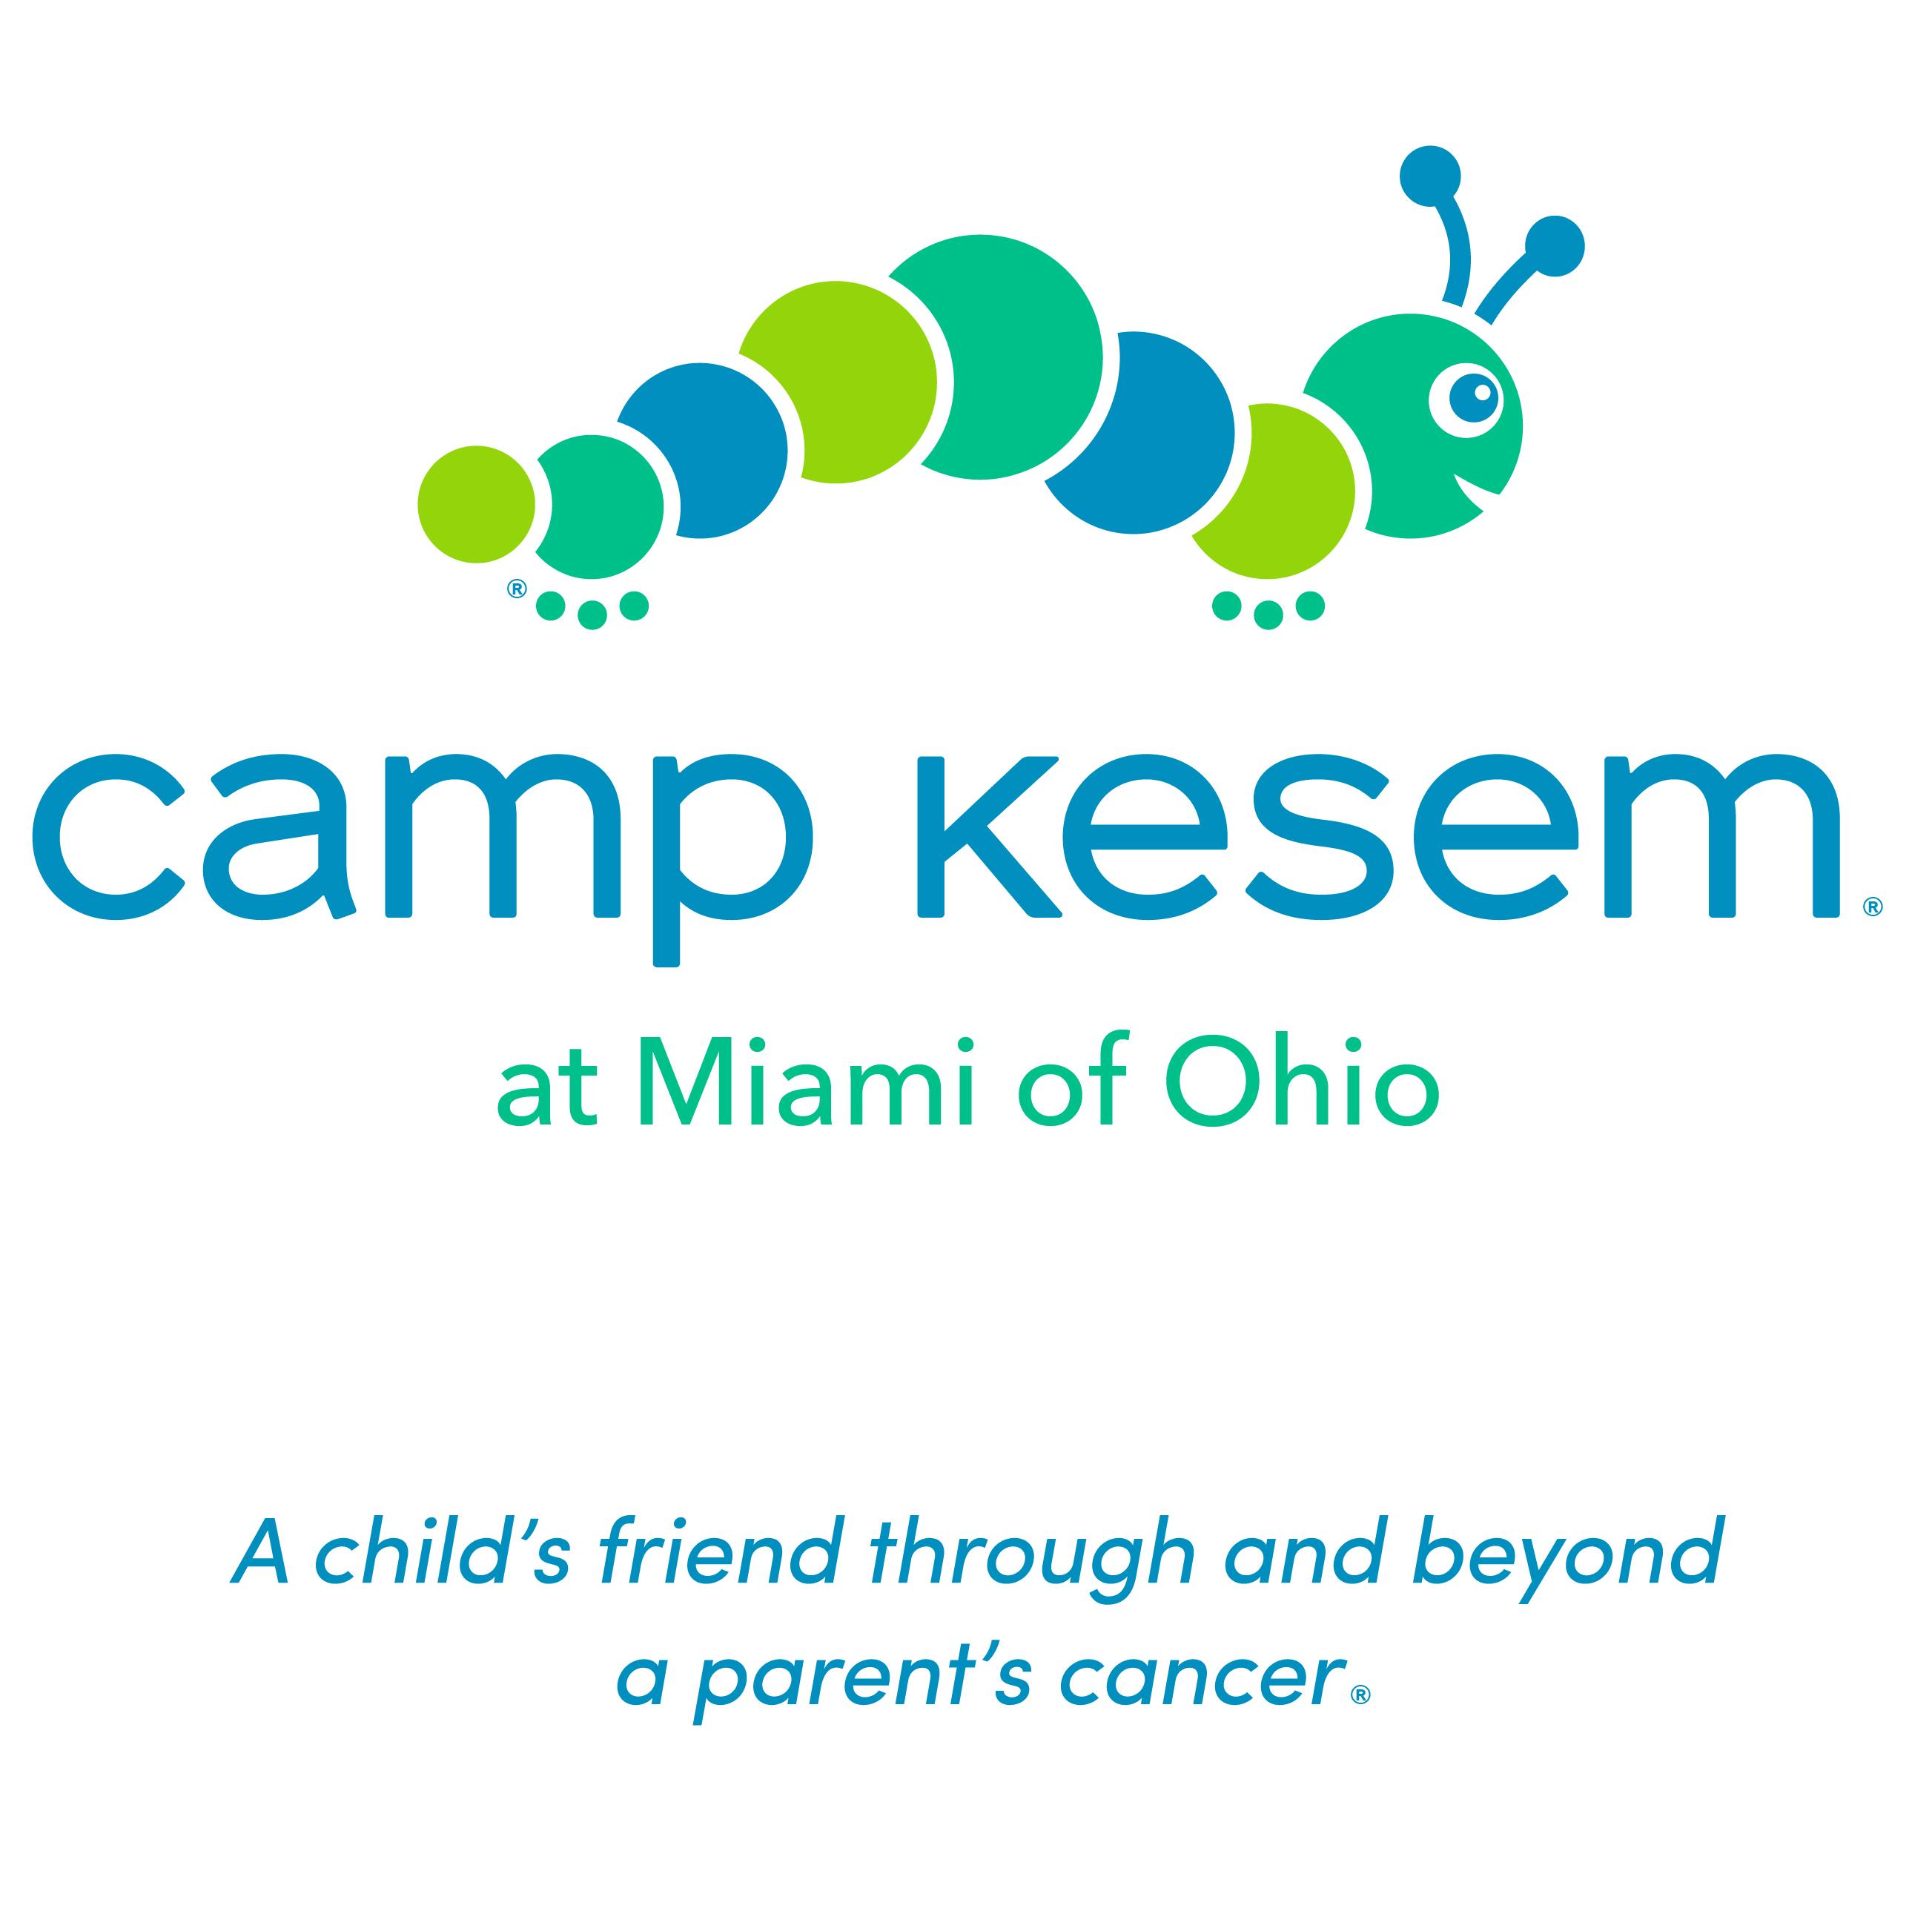 Camp Kesem at Miami of Ohio